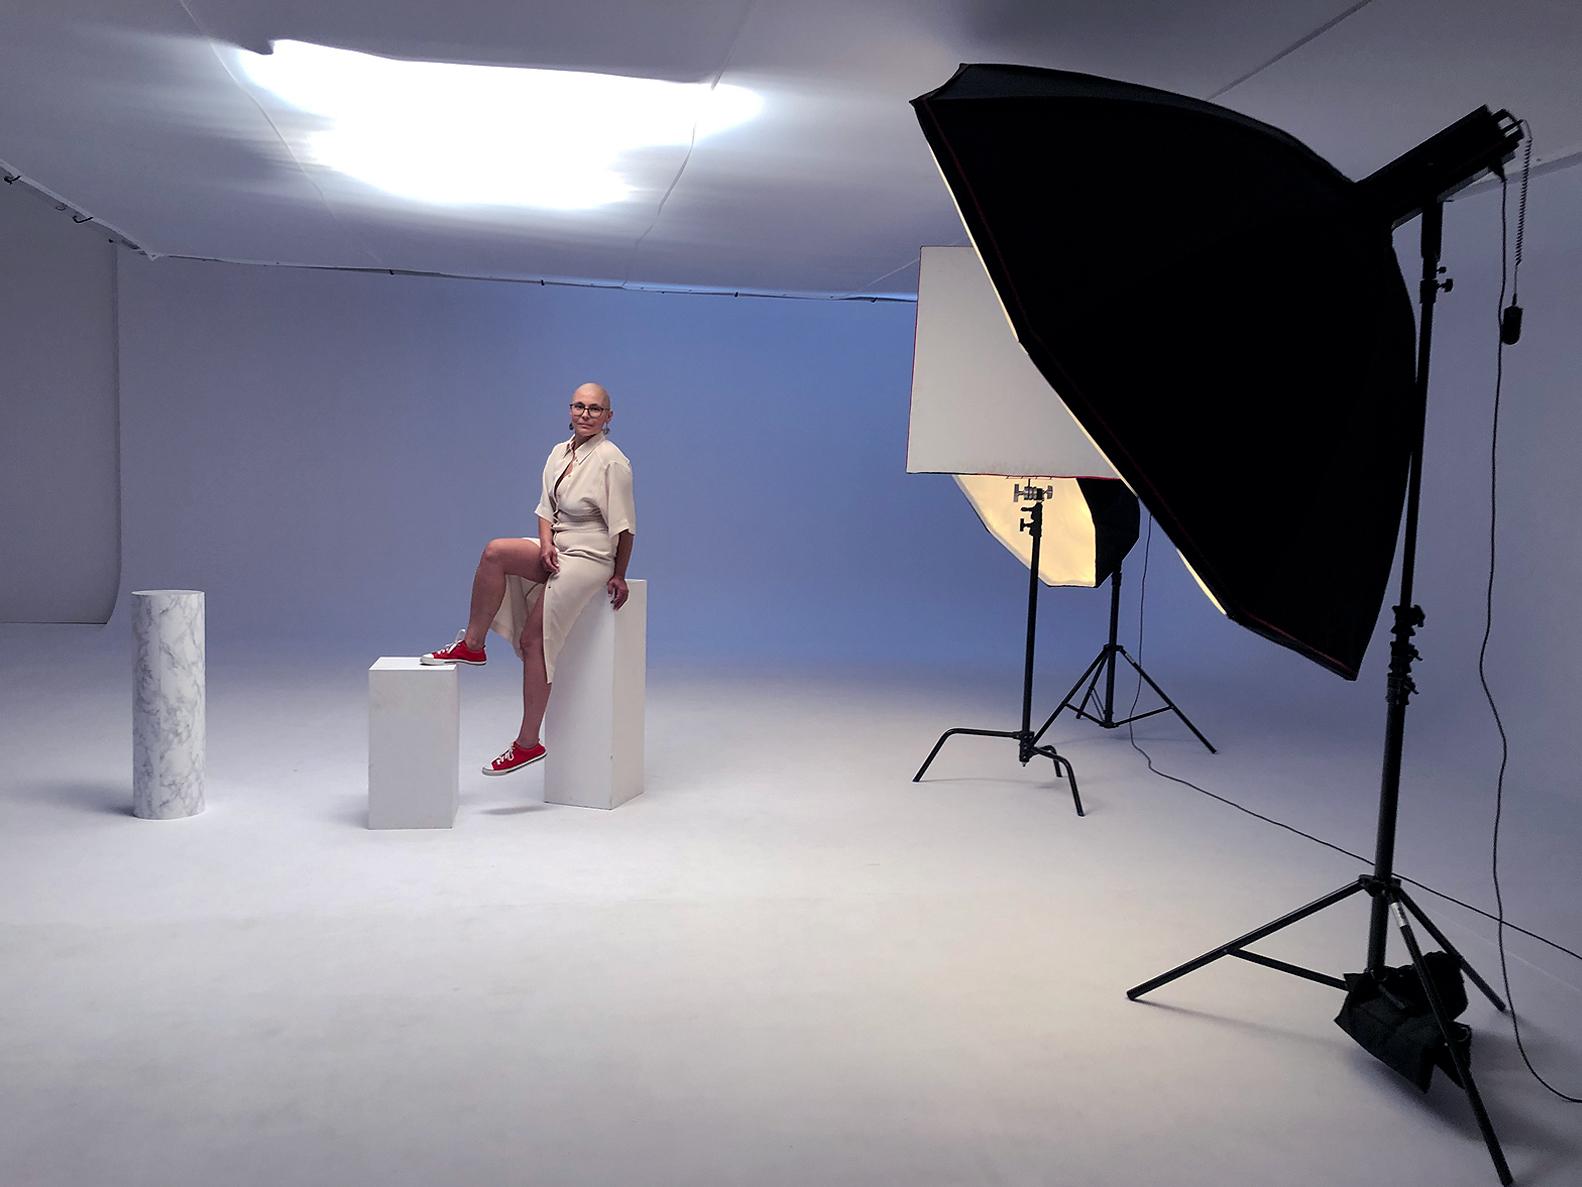 Studio fotograficzne, widoczne lampy fotograficzne. W głębi na podeście siedzi kobieta bez włosów, w długiej, jasnej sukience i czerwonych trampkach. Lewą nogę trzyma oparta o mniejszy podest przed sobą